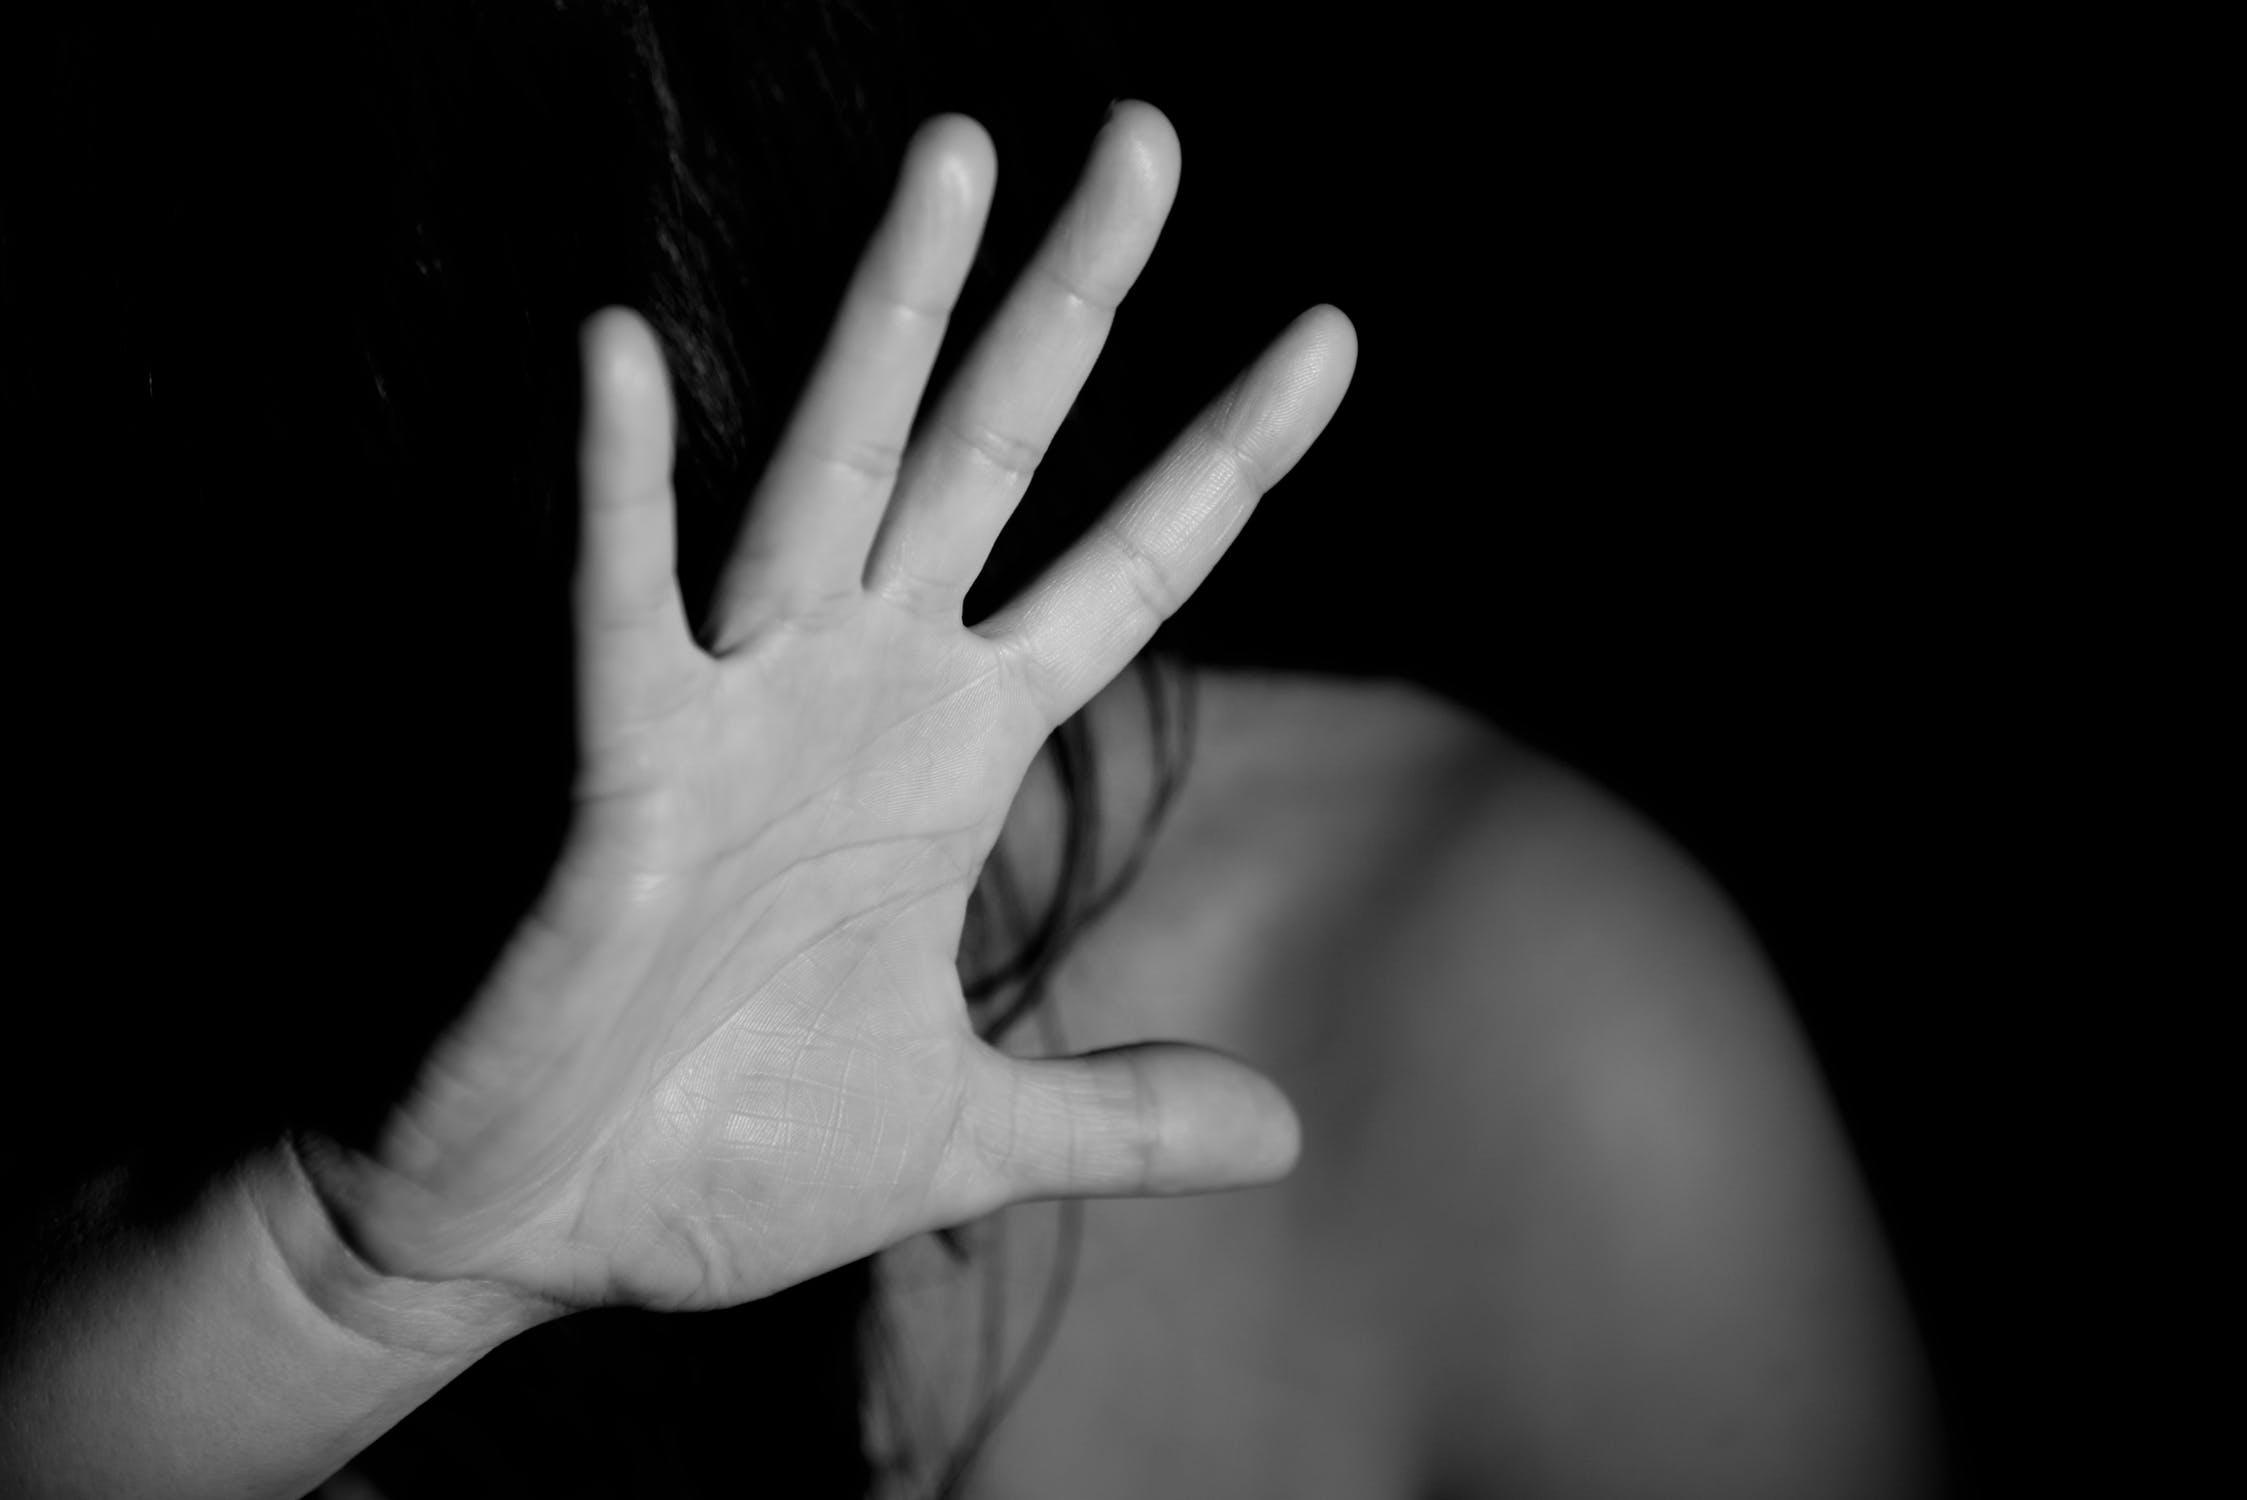 Dia 7 de março pode vir a ser o Dia de Luto Nacional pelas Vítimas de Violência Doméstica e pela Violência Contra as Mulheres.